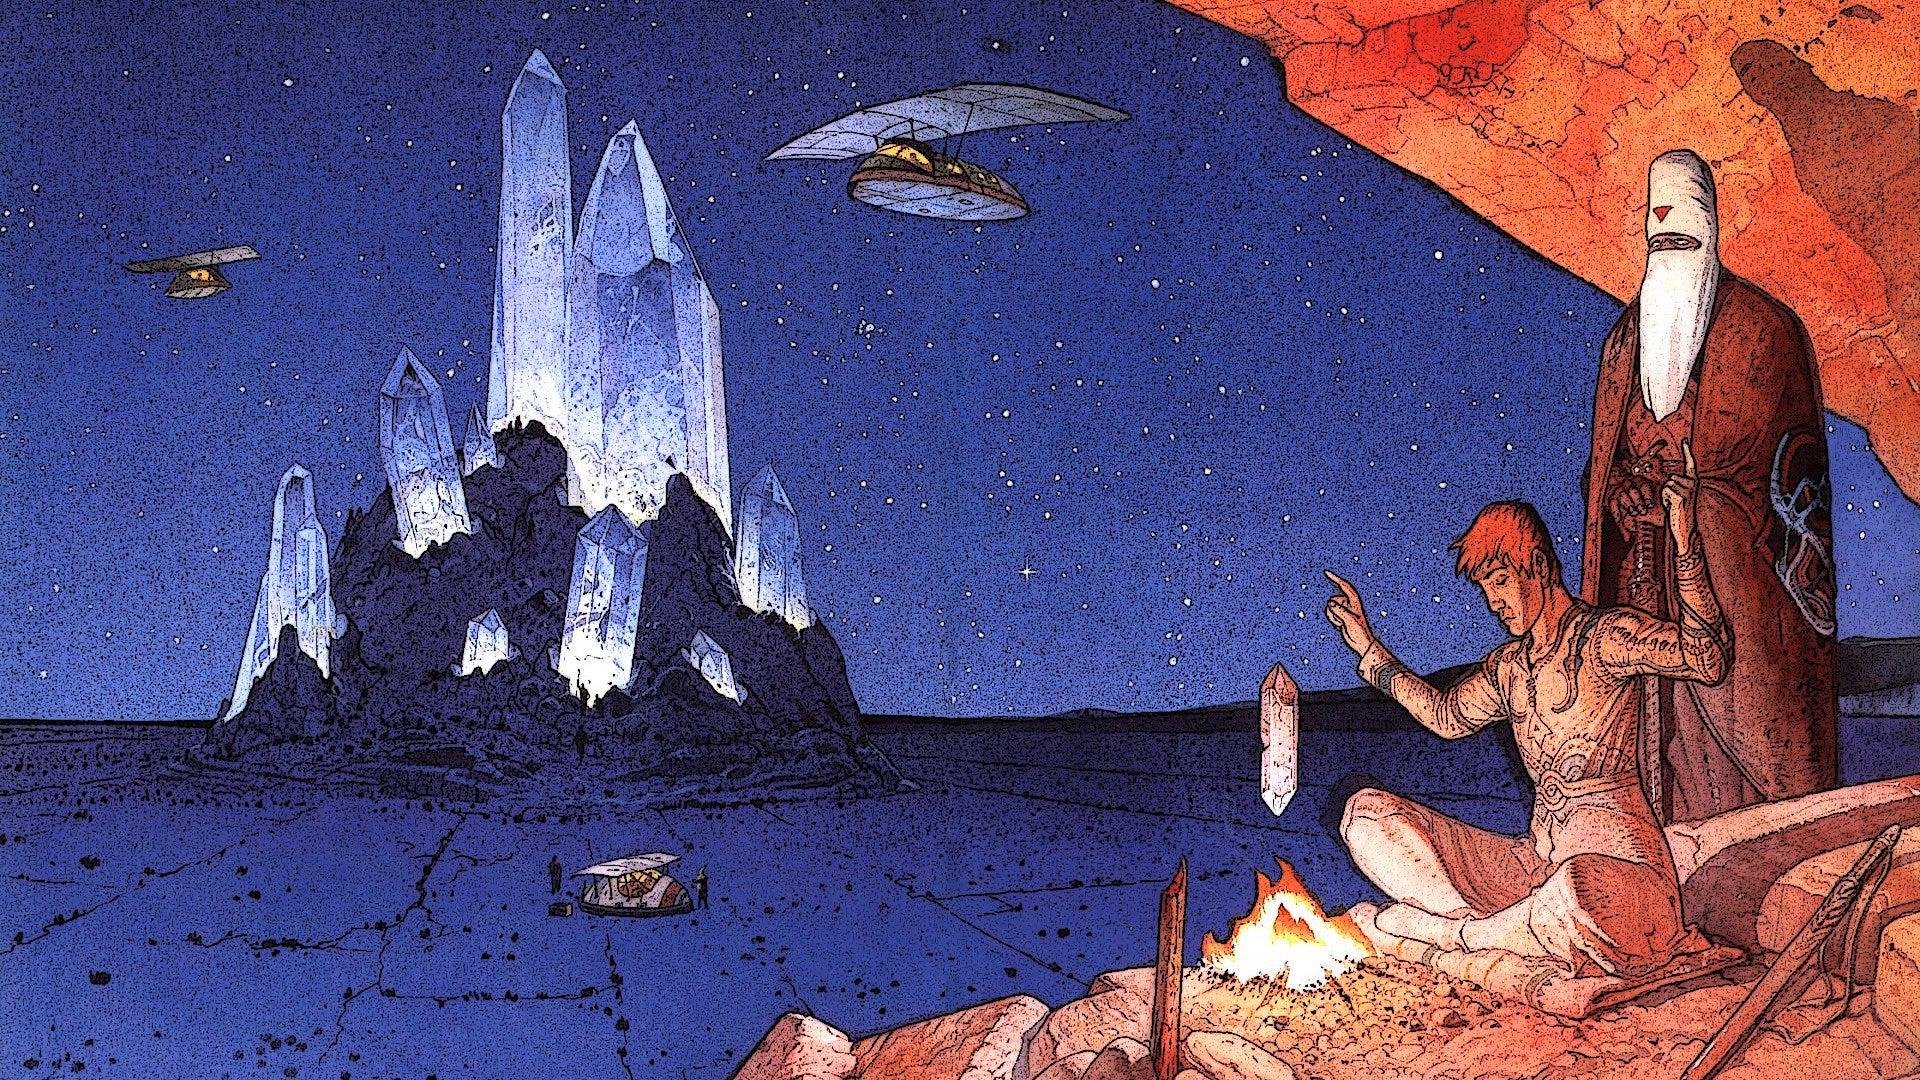 Moebius artwork